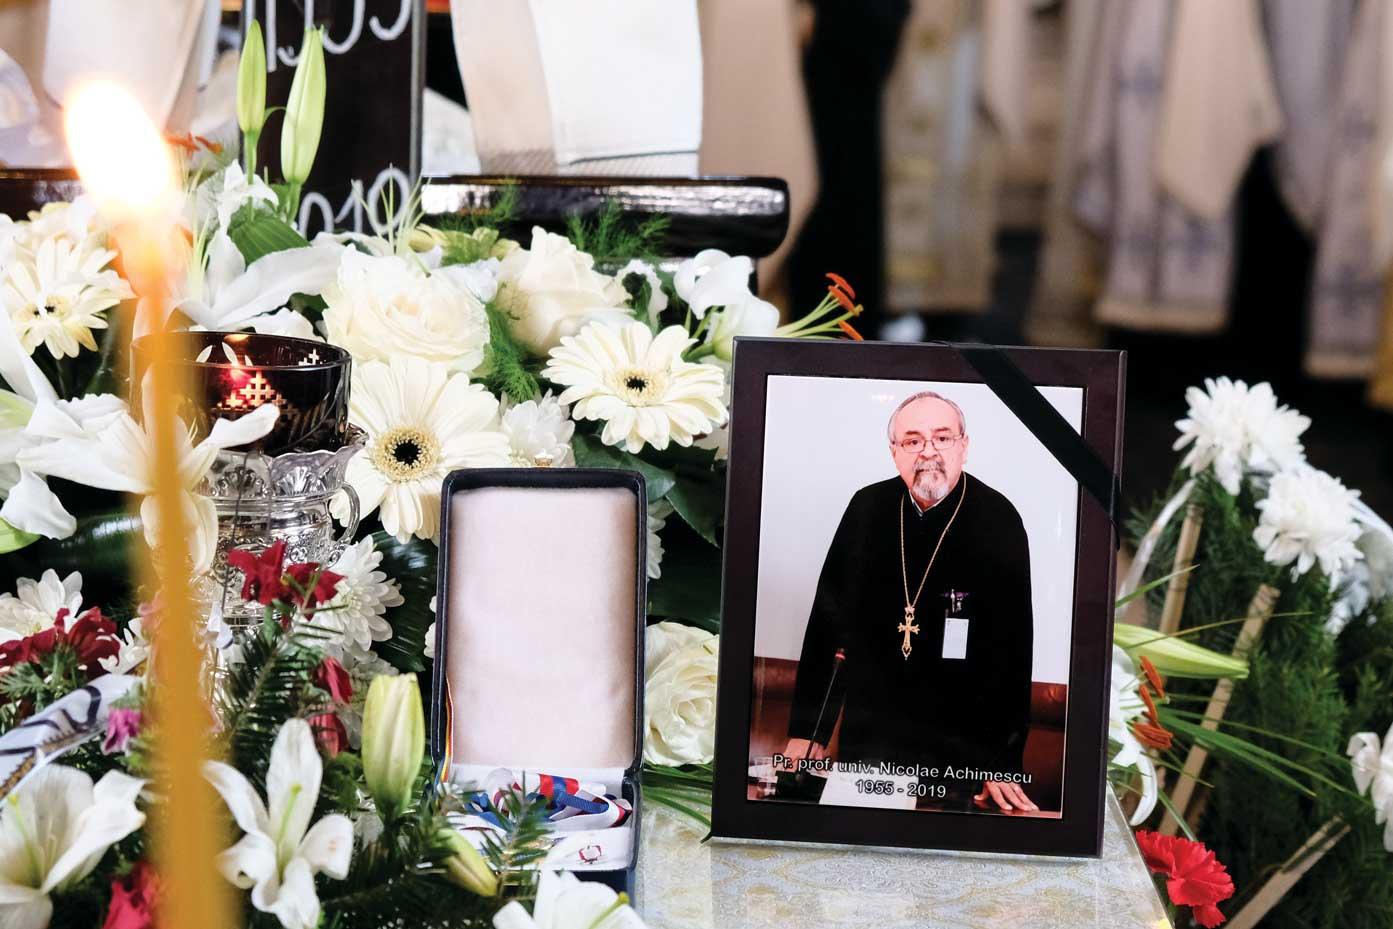 Părintele Nicolae Achimescu –  un profesor erudit, un om onest şi un teolog mărturisitor